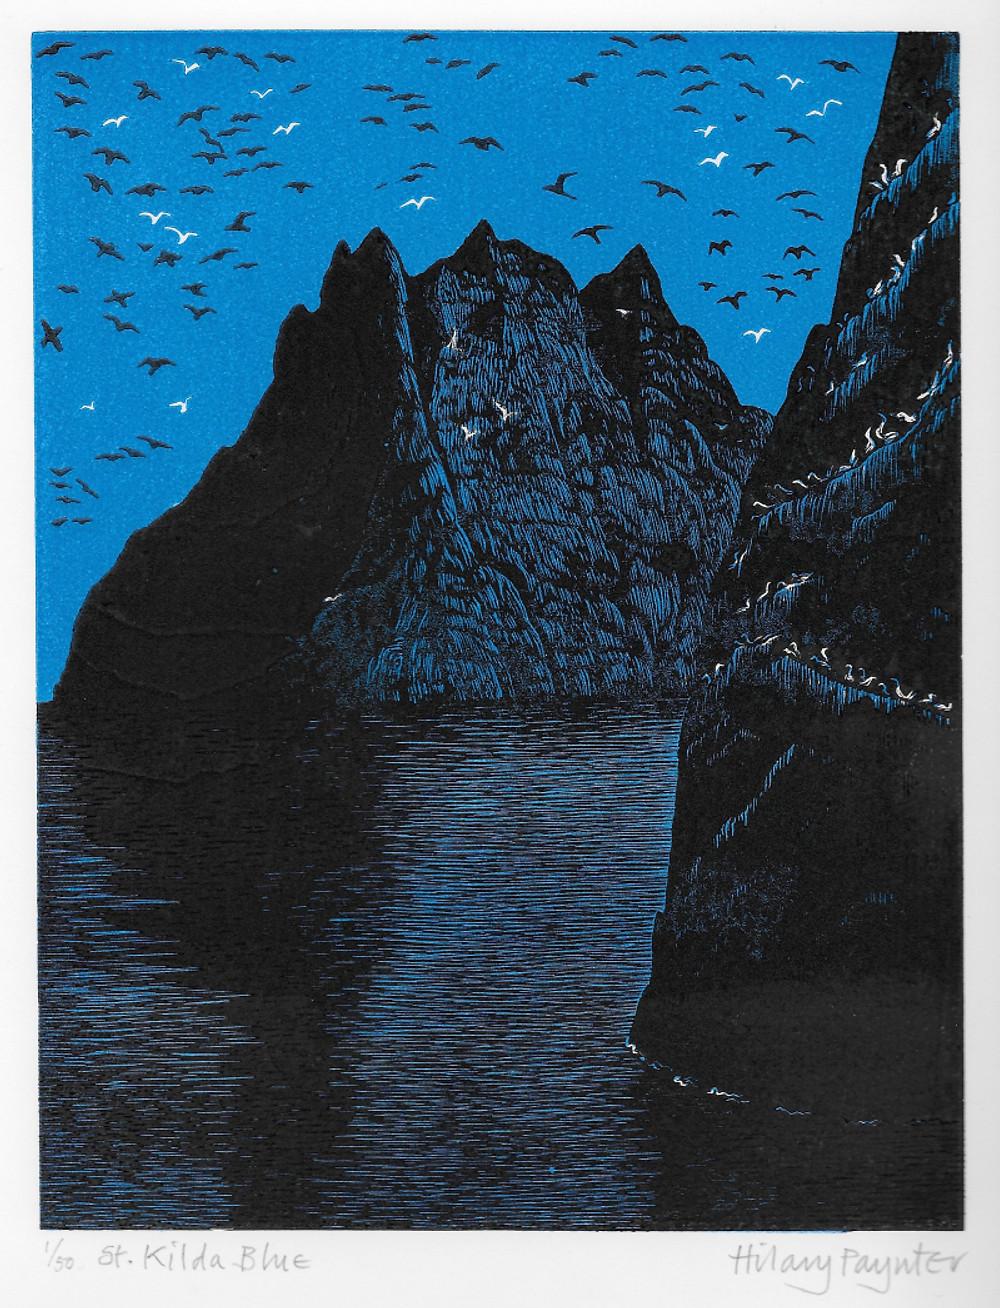 L St.Kilda Blue